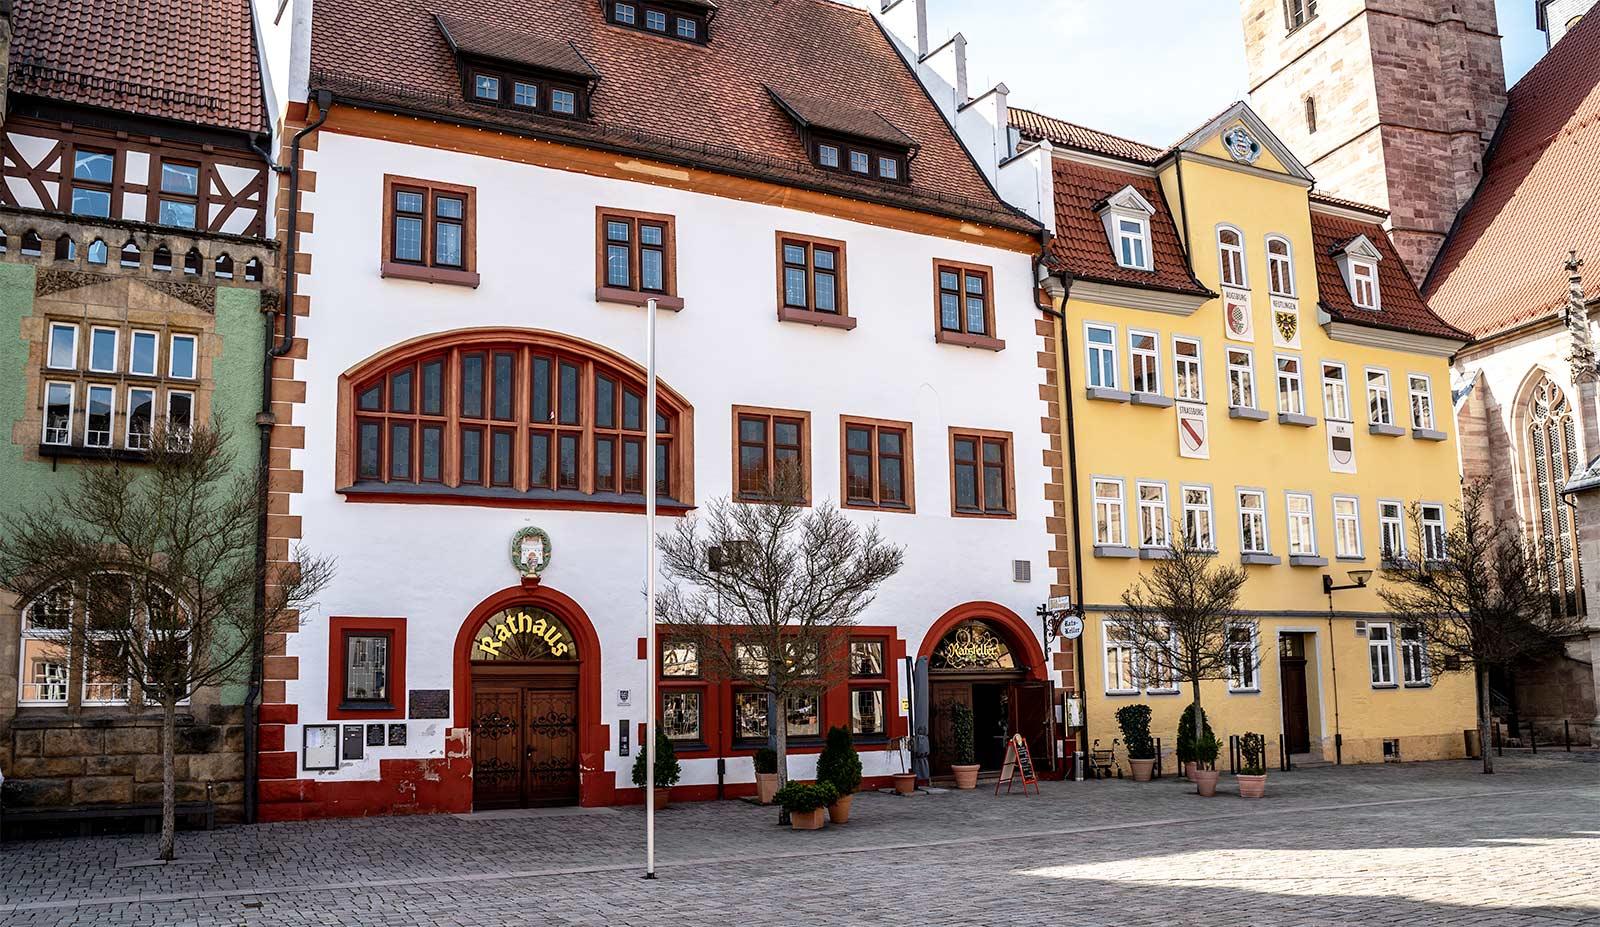 Historisches Rathaus in Schmalkalden